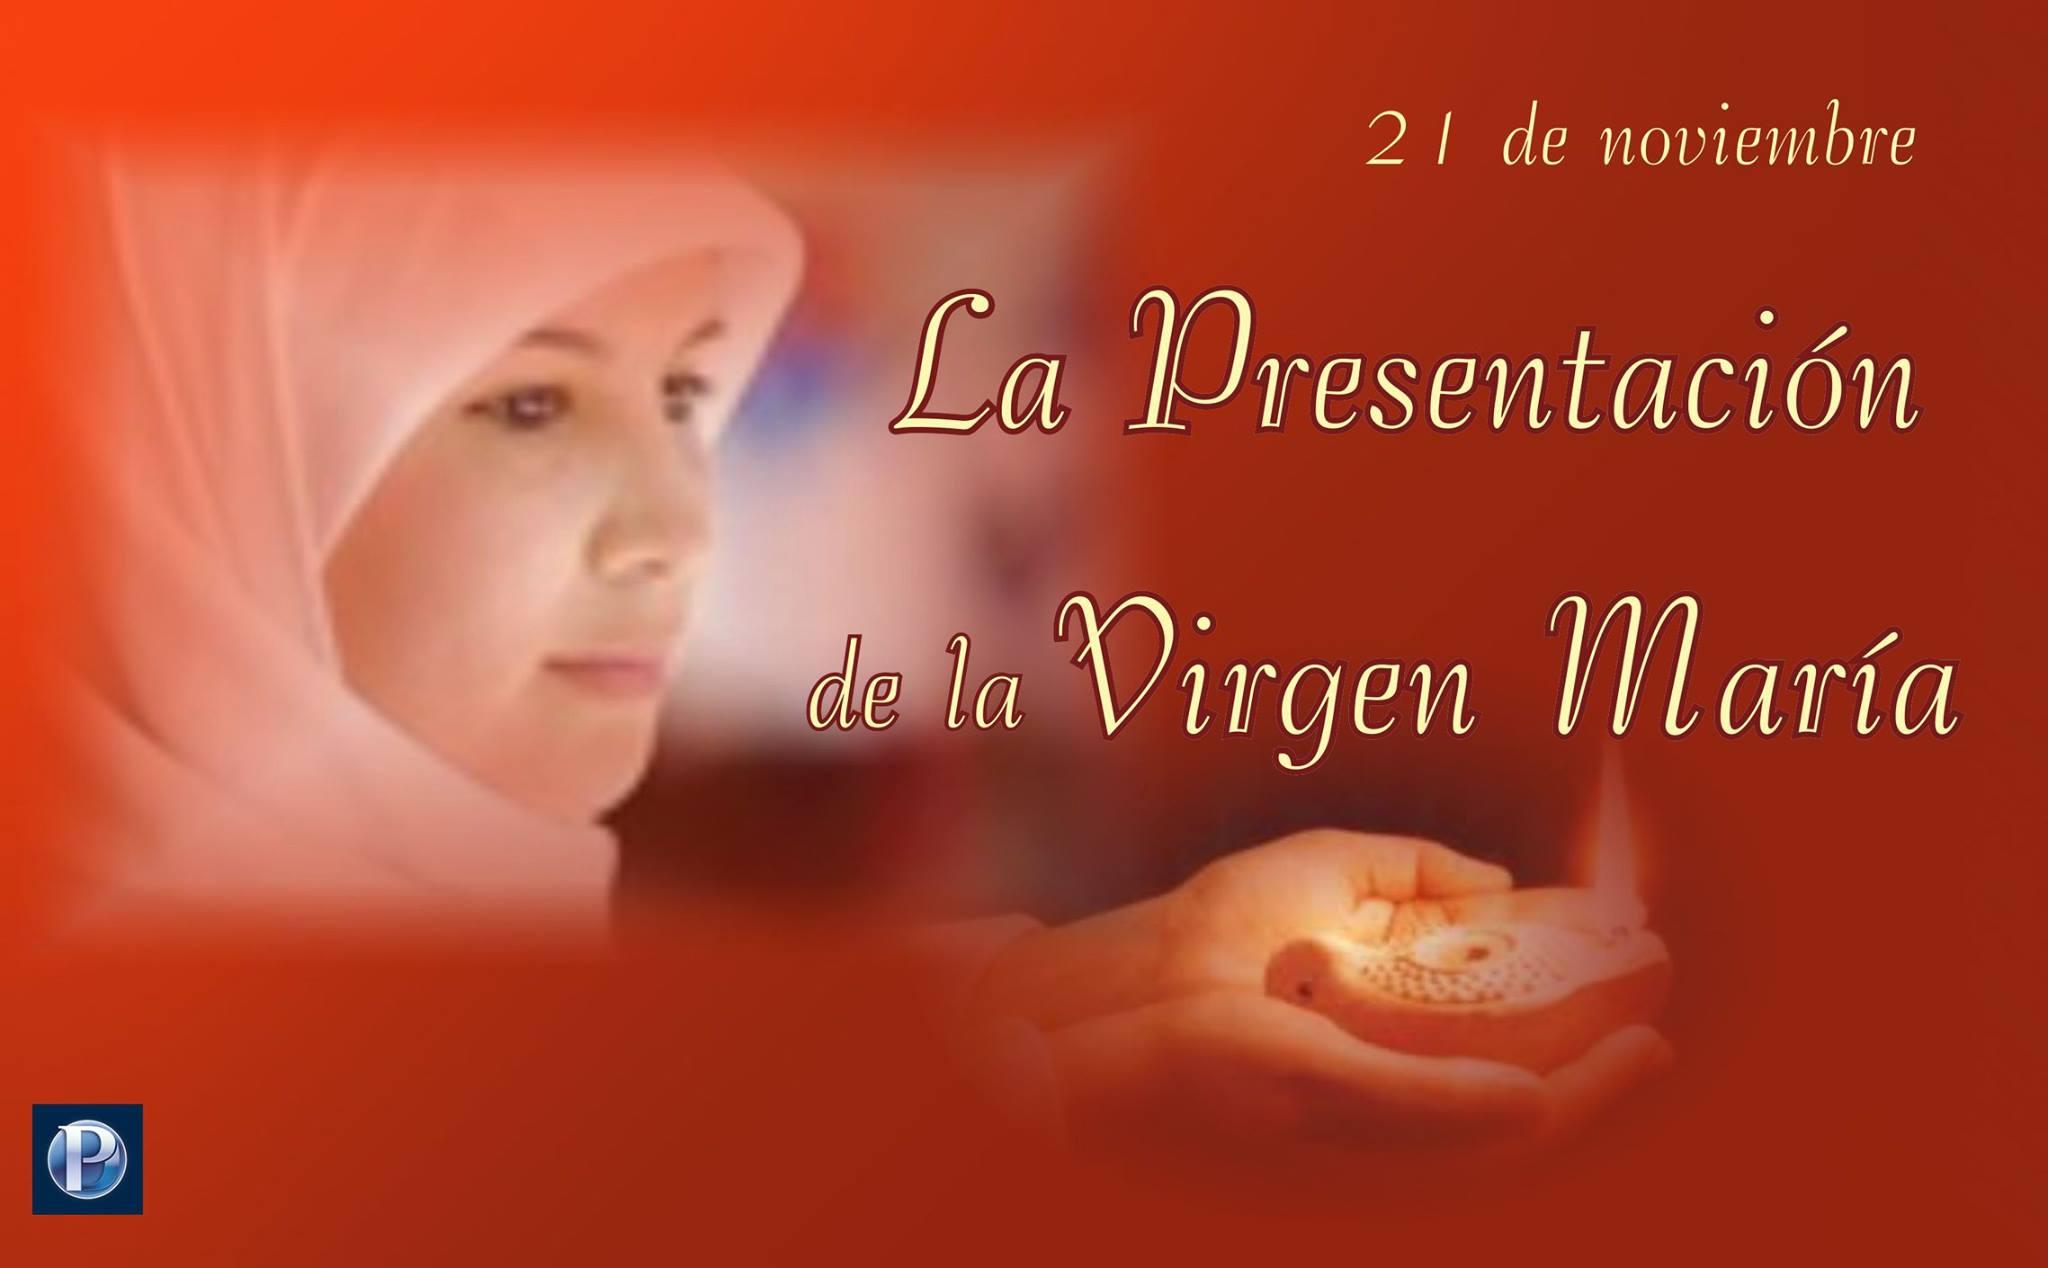 21 de noviembre: La Presentación de la Virgen María